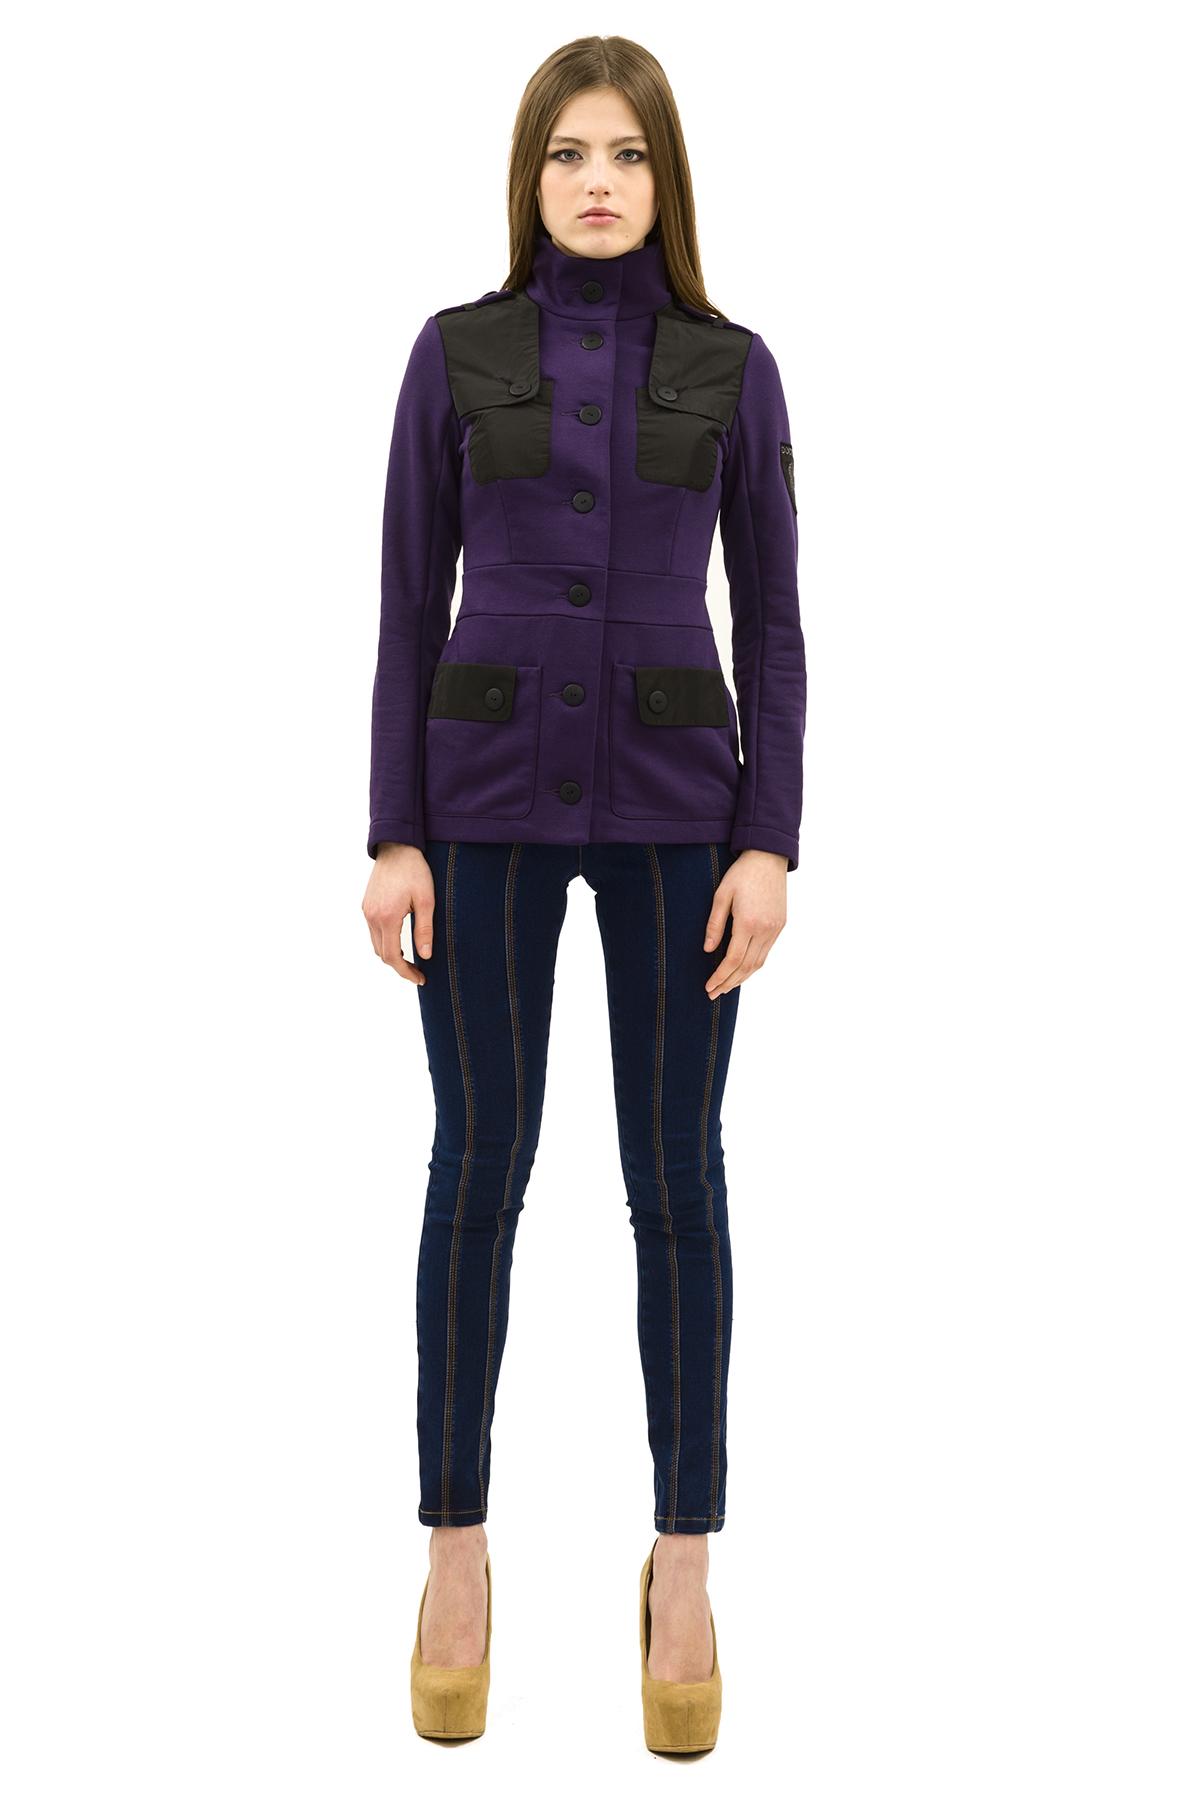 КурткаЖакеты, жилеты<br>Оригинальная и лаконичная по дизайну куртка станет незаменимой вещью для современной женщины. Модель будет удачно гармонировать с любыми предметами гардероба и аксессуарами. Идеальный вариант для создания образа в стиле Casual.<br><br>Цвет: фиолетовый,черный<br>Состав: 70% хлопок, 30% полиэстер<br>Размер: 42,44,46,48,50,52,54<br>Страна дизайна: Россия<br>Страна производства: Россия